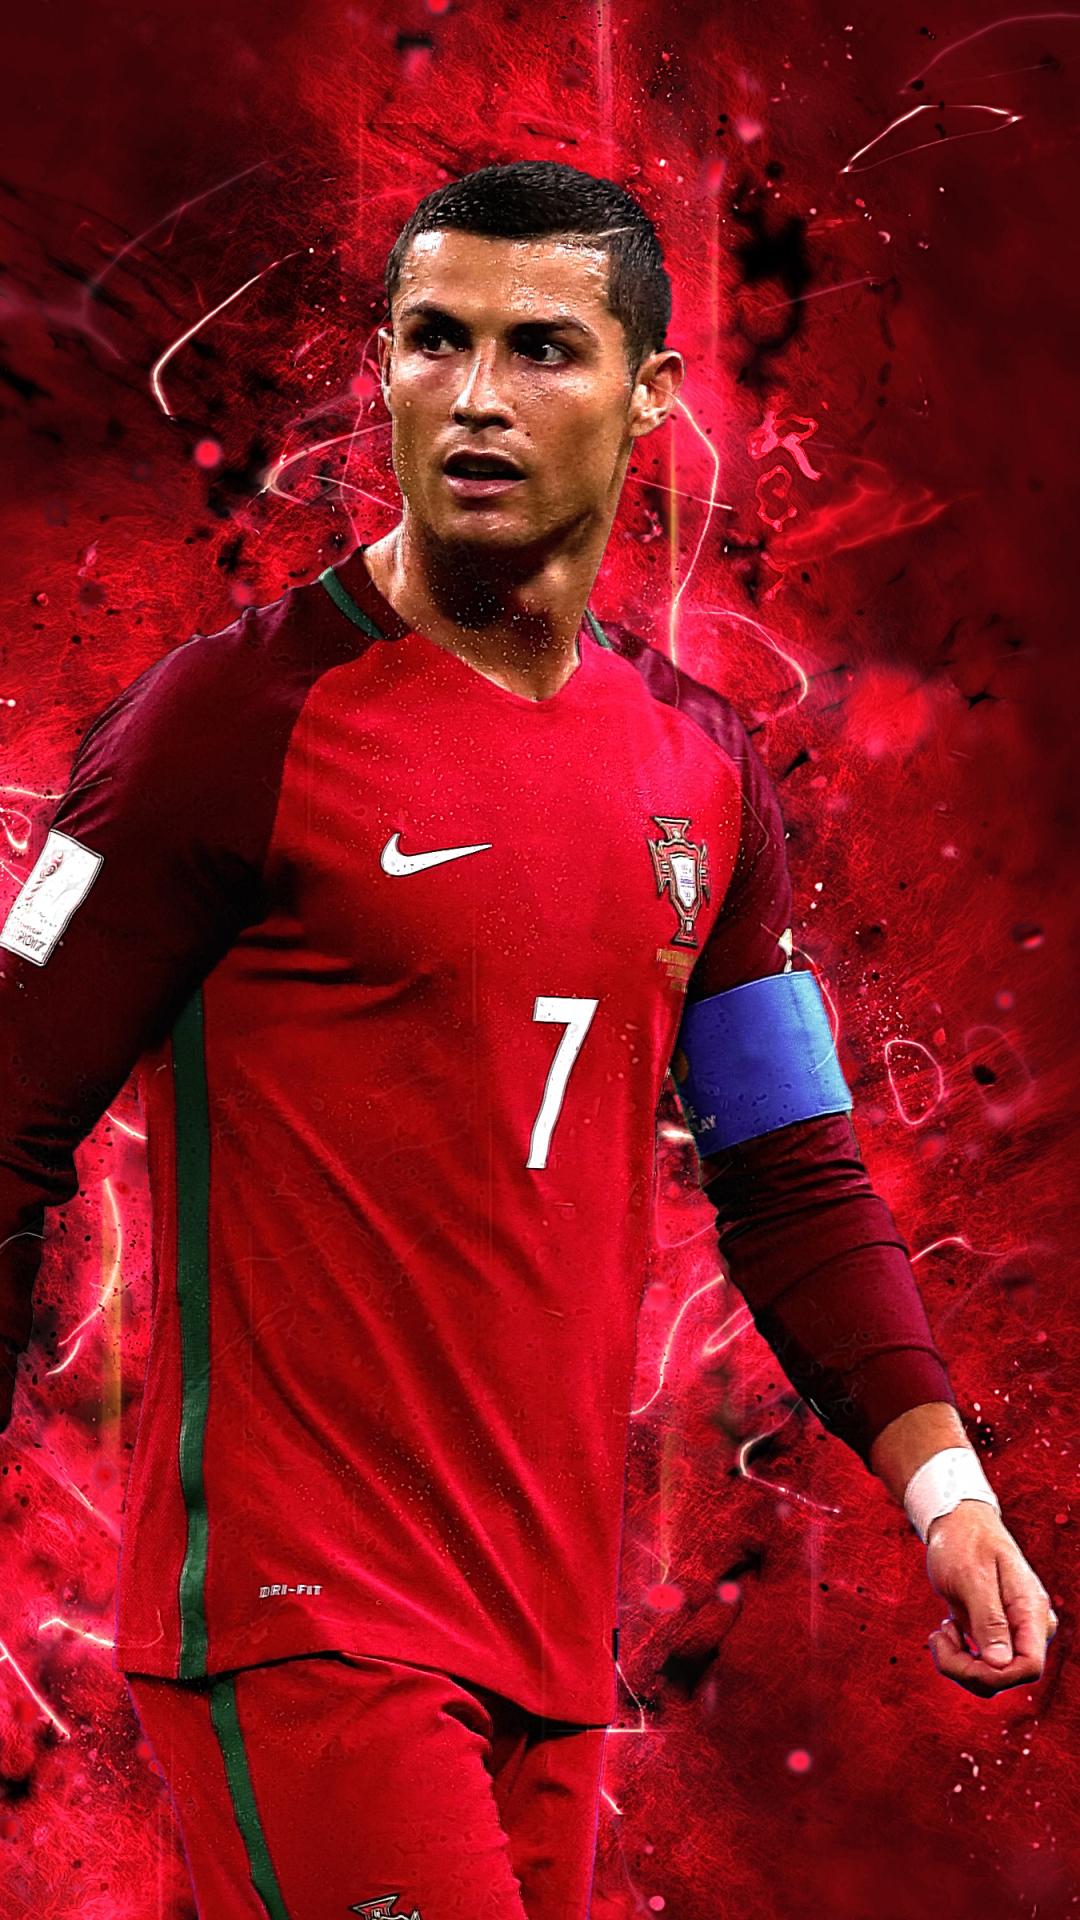 SportsCristiano Ronaldo 1080x1920 Wallpaper ID 754022   Mobile 1080x1920